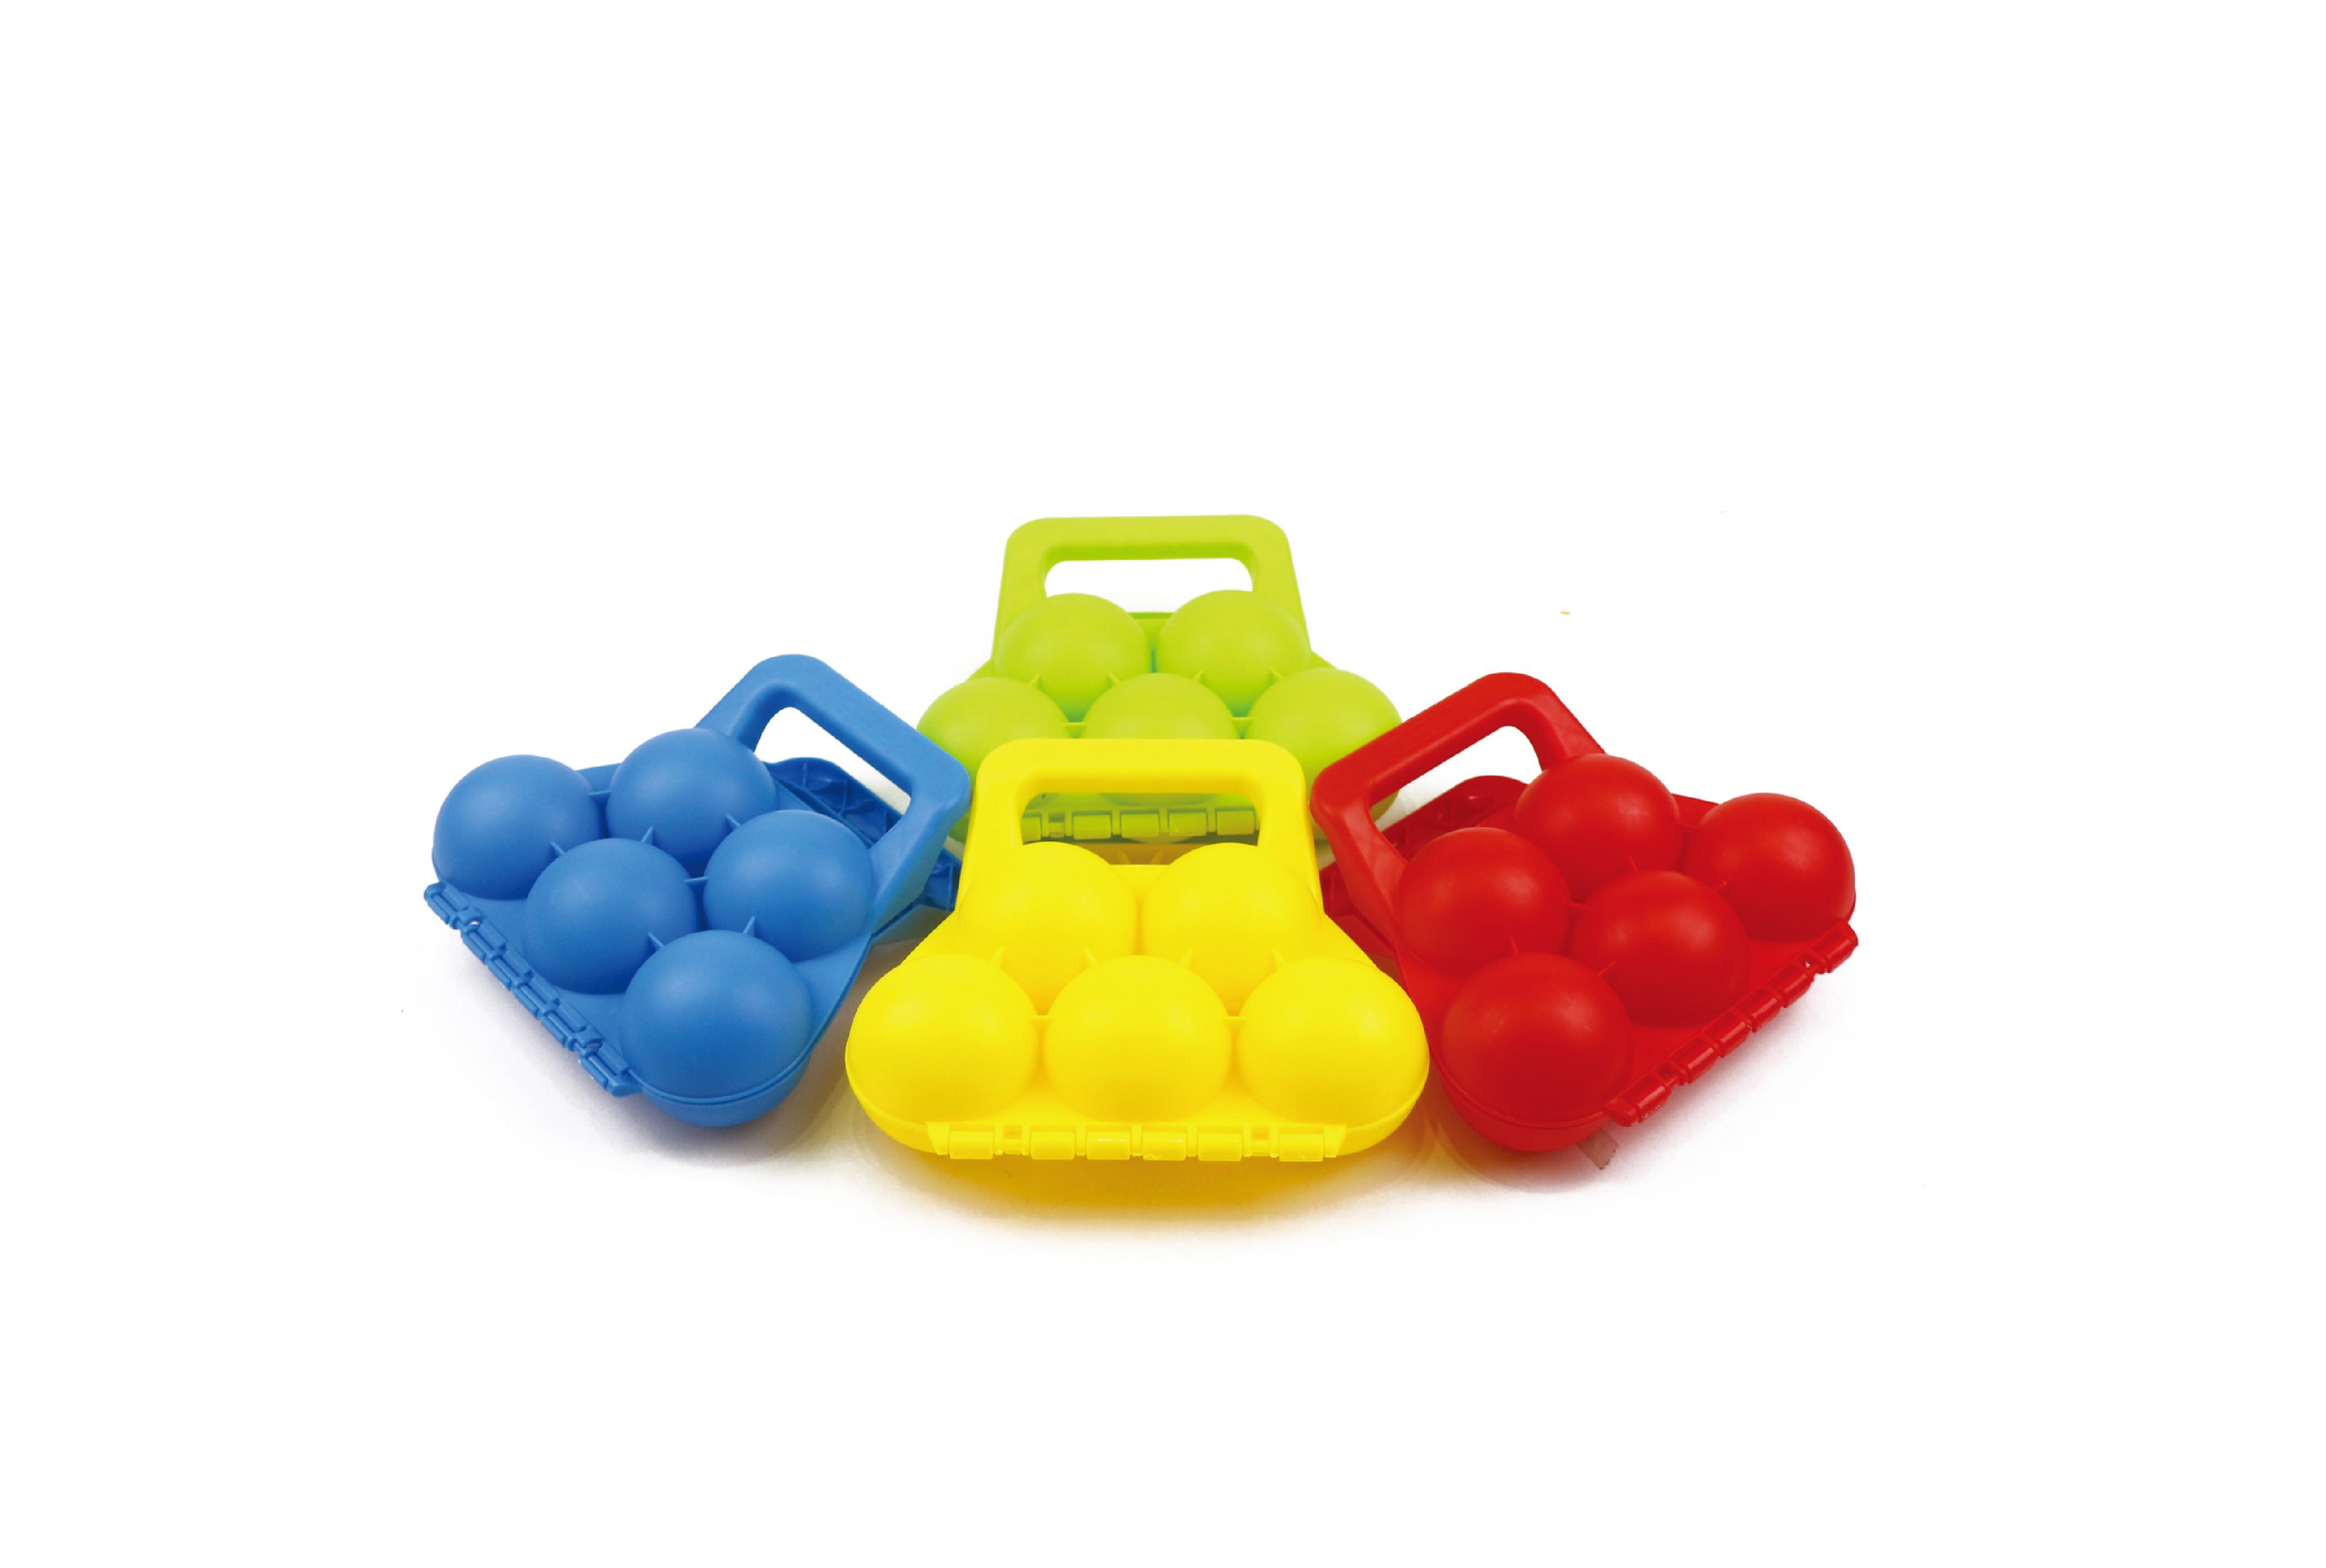 Игрушки для снега 1toy 5 ячеек игрушка для лепки снежков smile фиолетовый